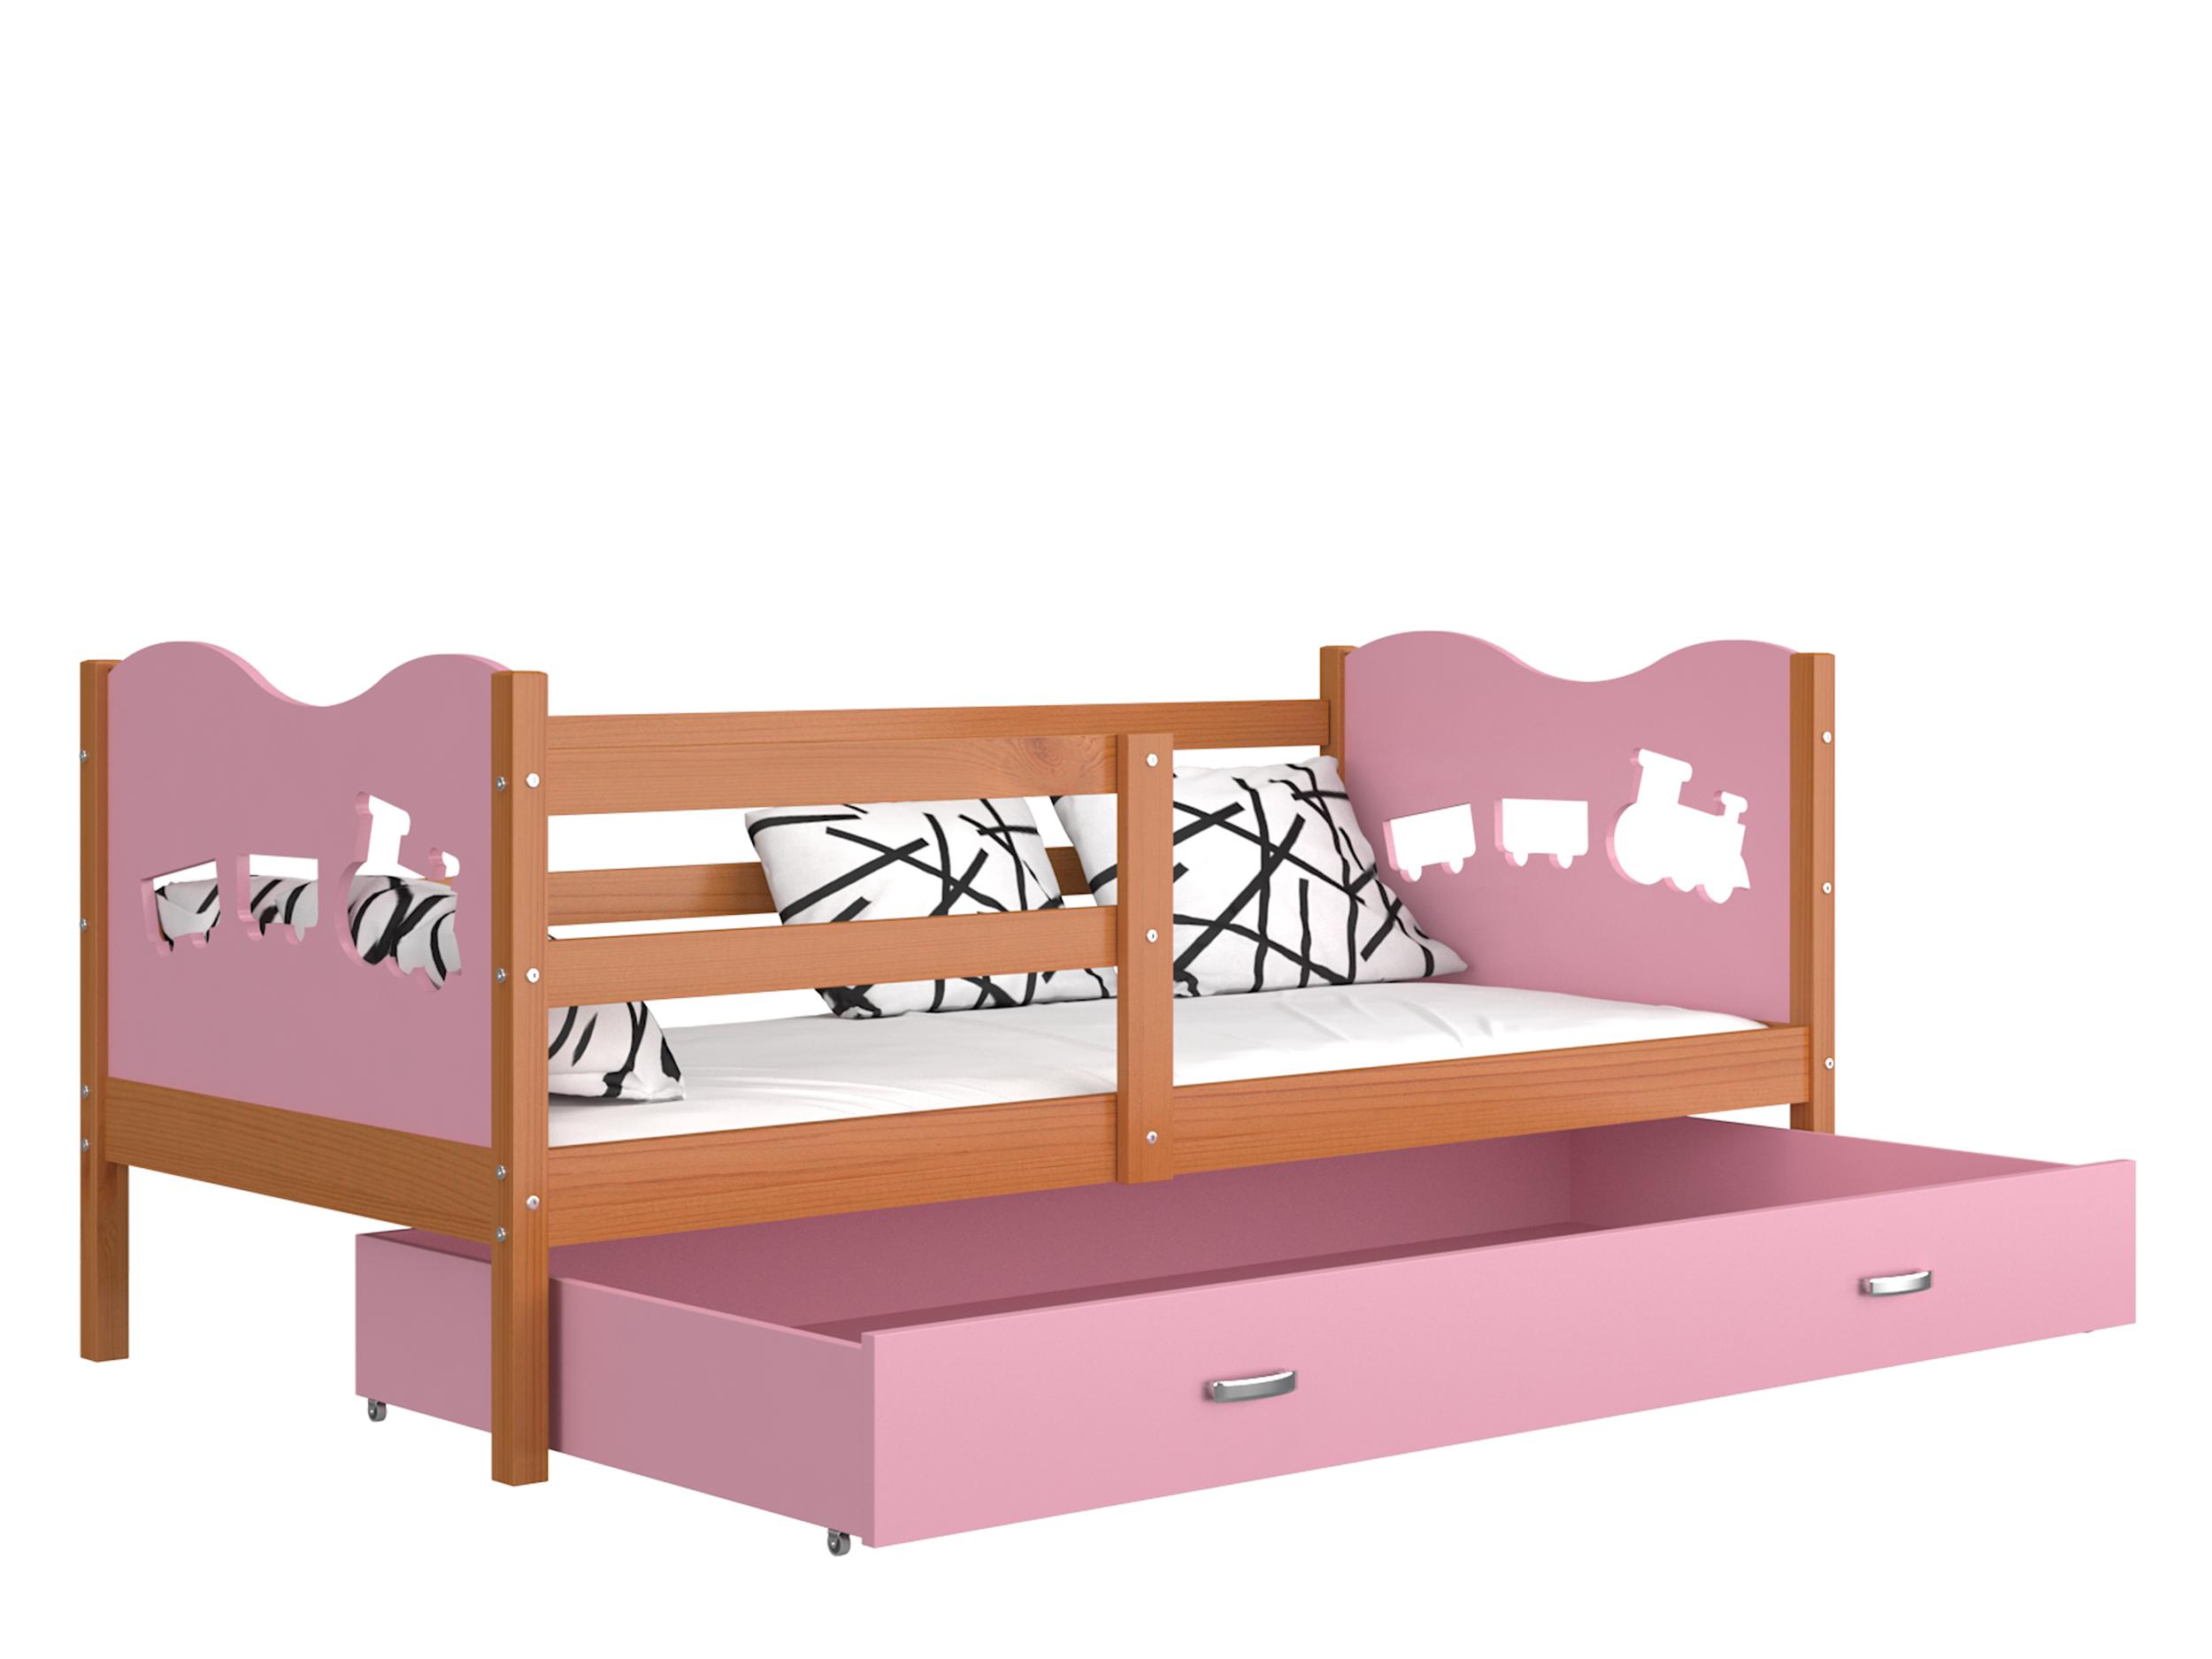 ArtAJ Detská posteľ MAX P drevo / MDF 200 x 90 cm Farba: jelša / ružová 200 x 90 cm s matracom